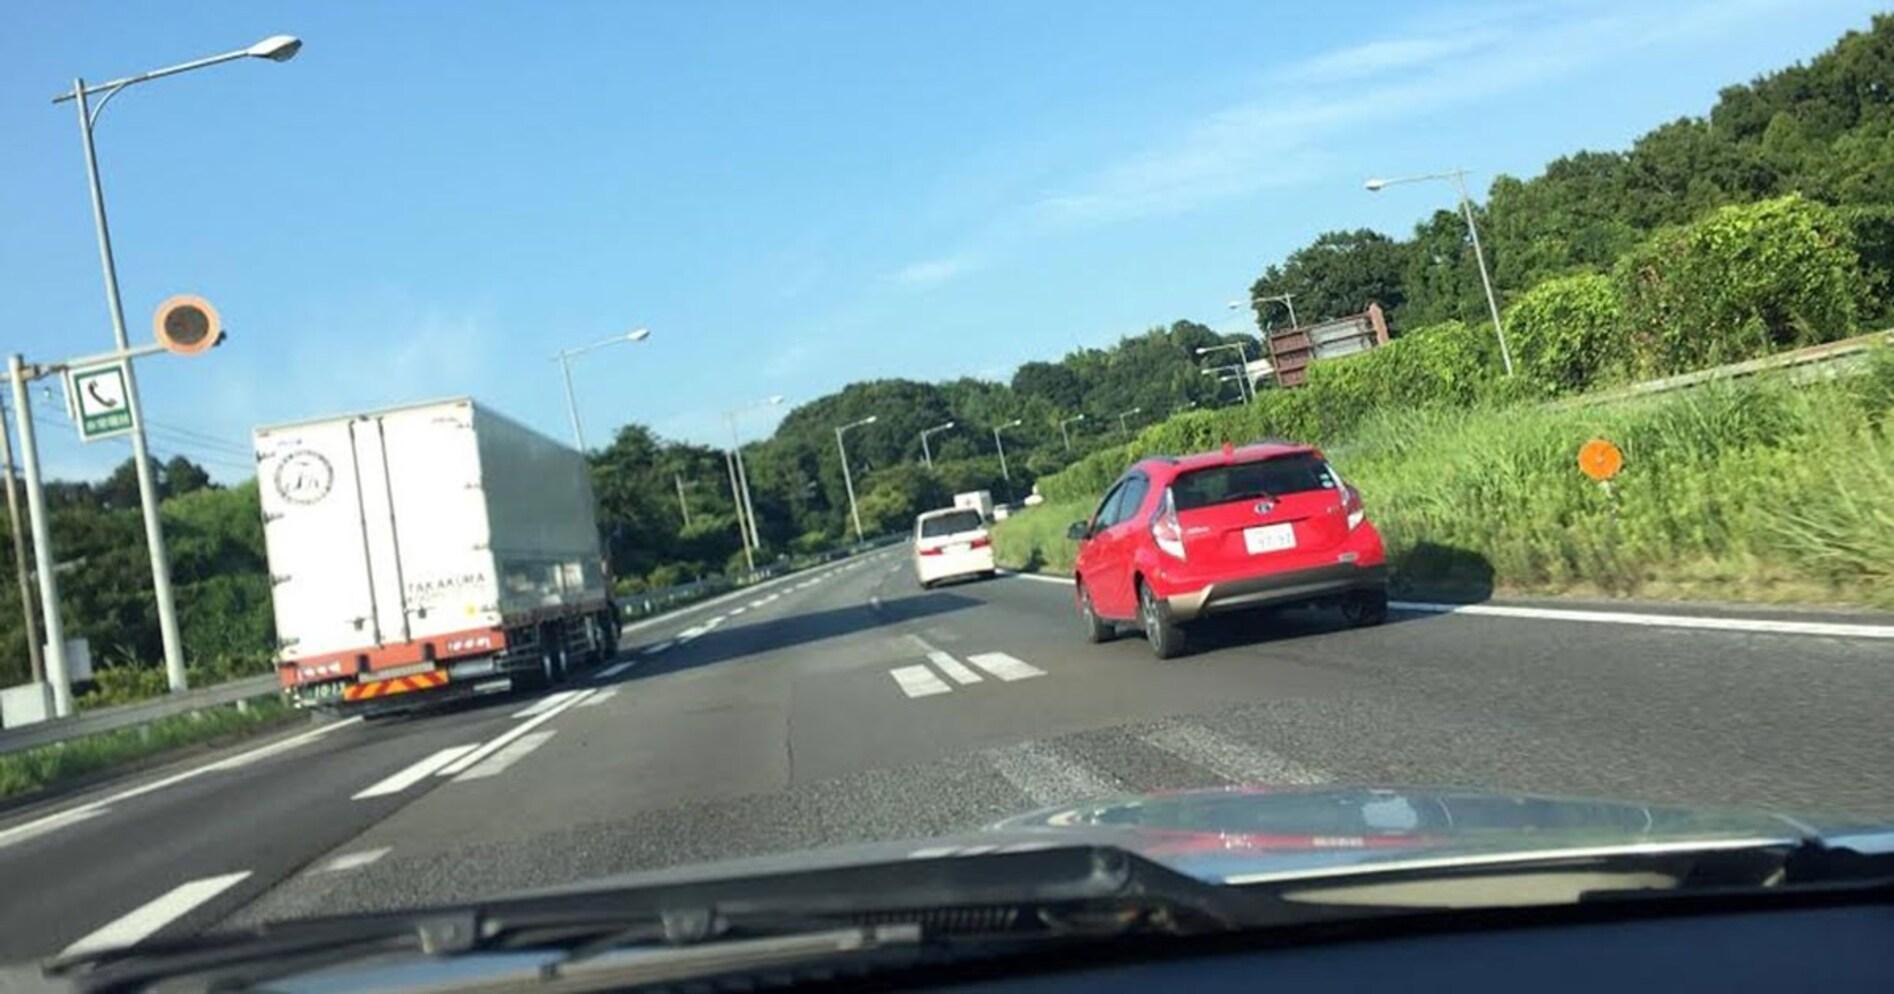 【本当にあった怖い話】高速道路の追い越し車線を走っていたら「青切符」を切られた…